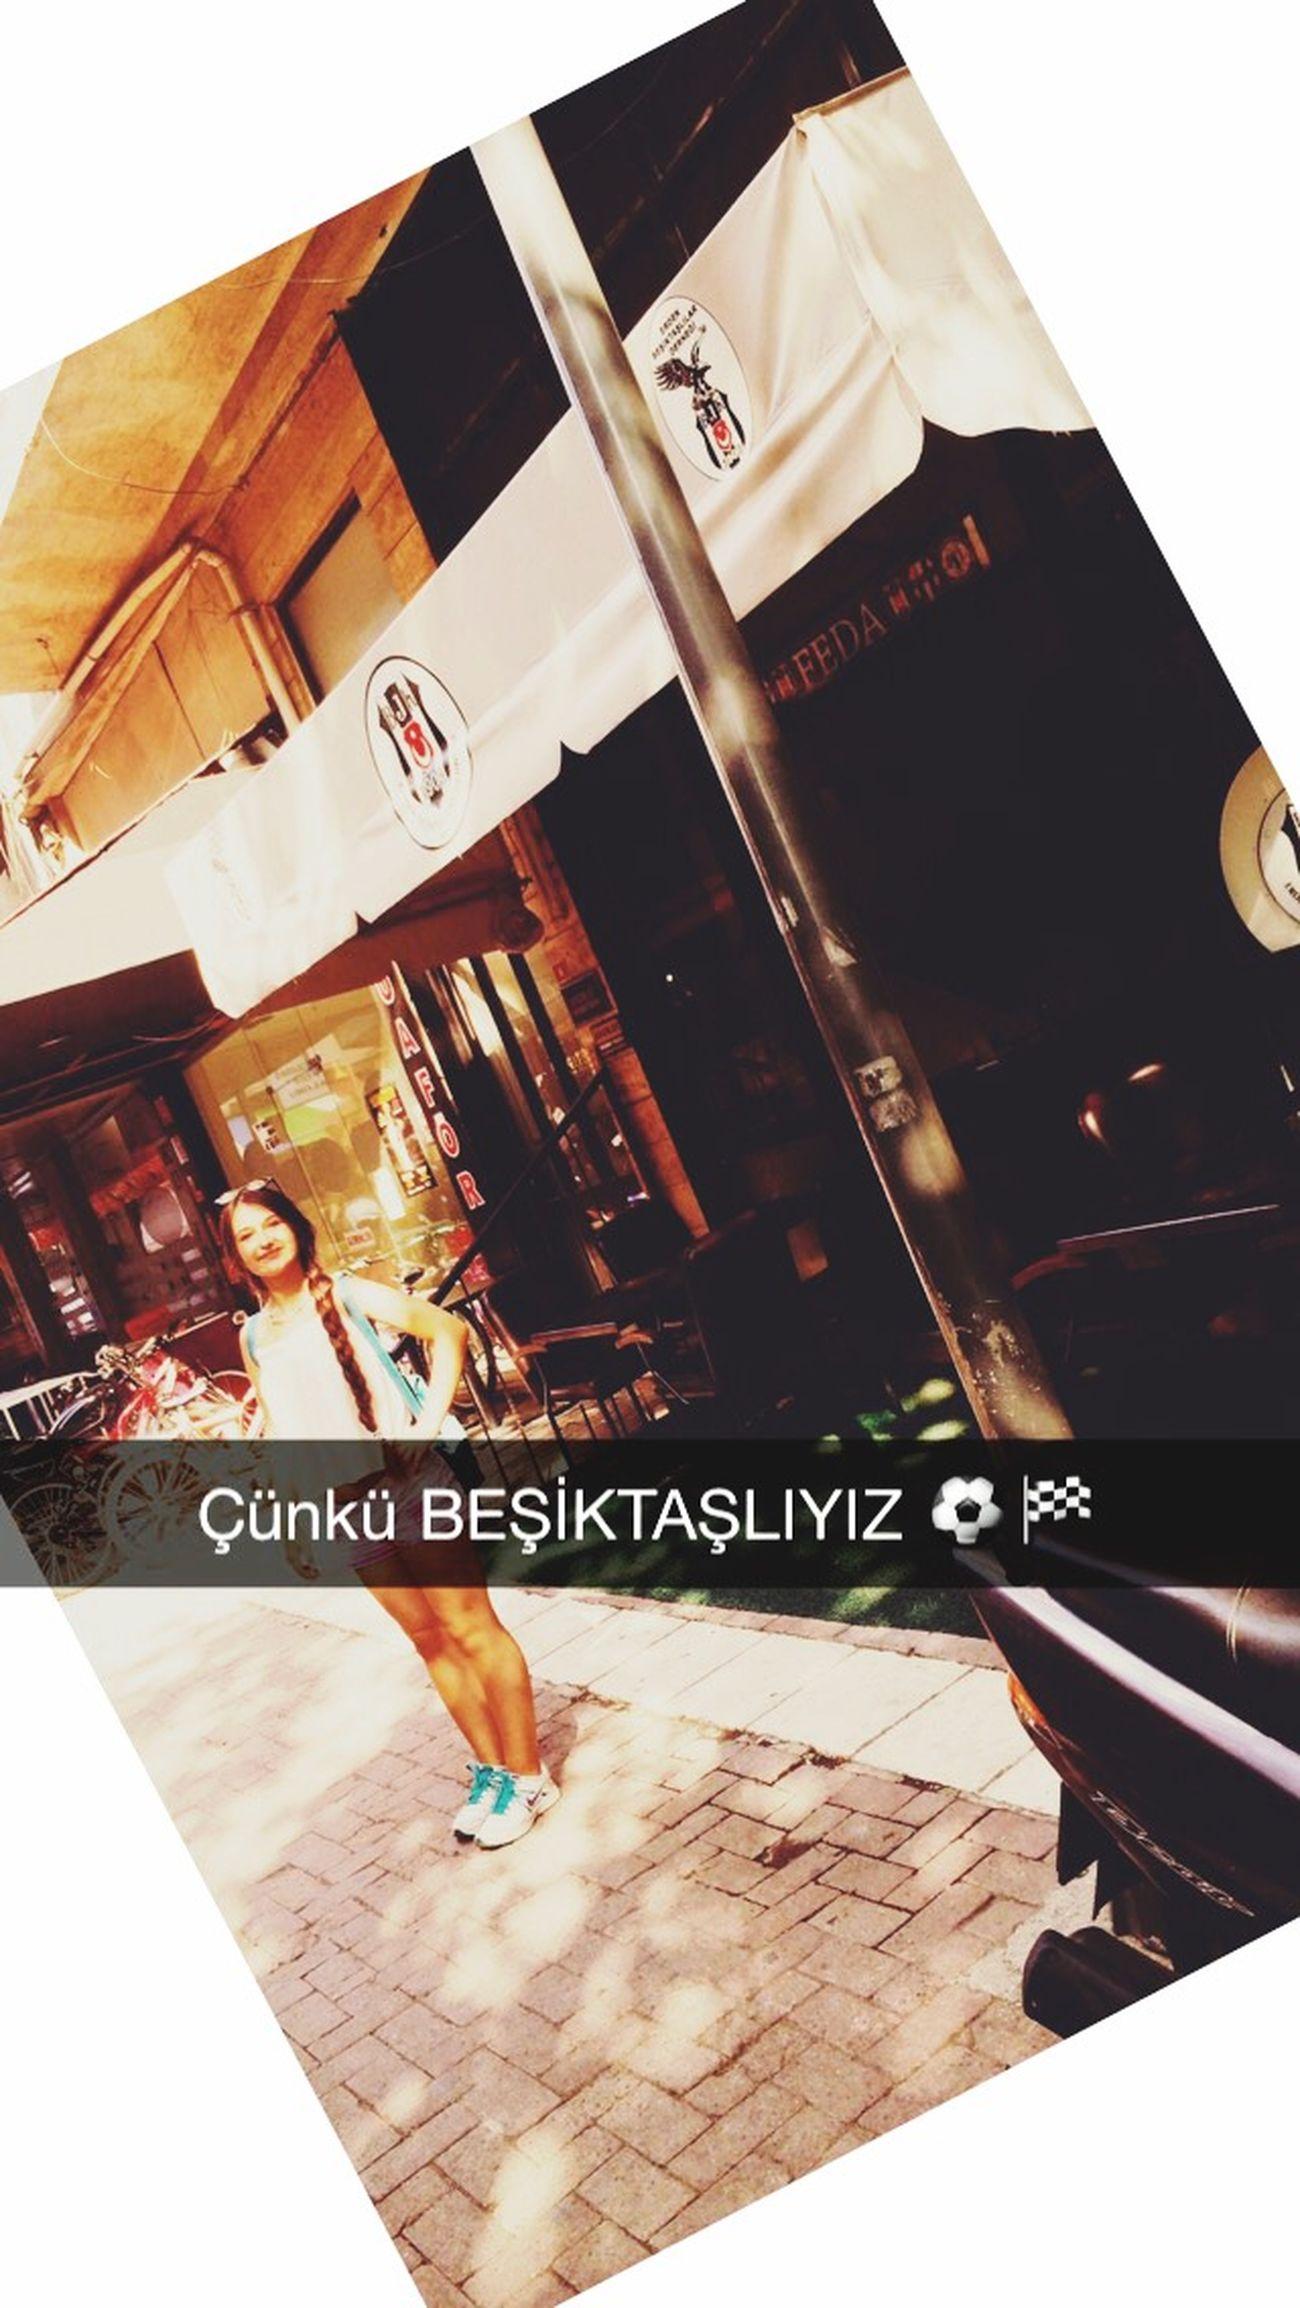 Beşiktaşk ⚽️🏁